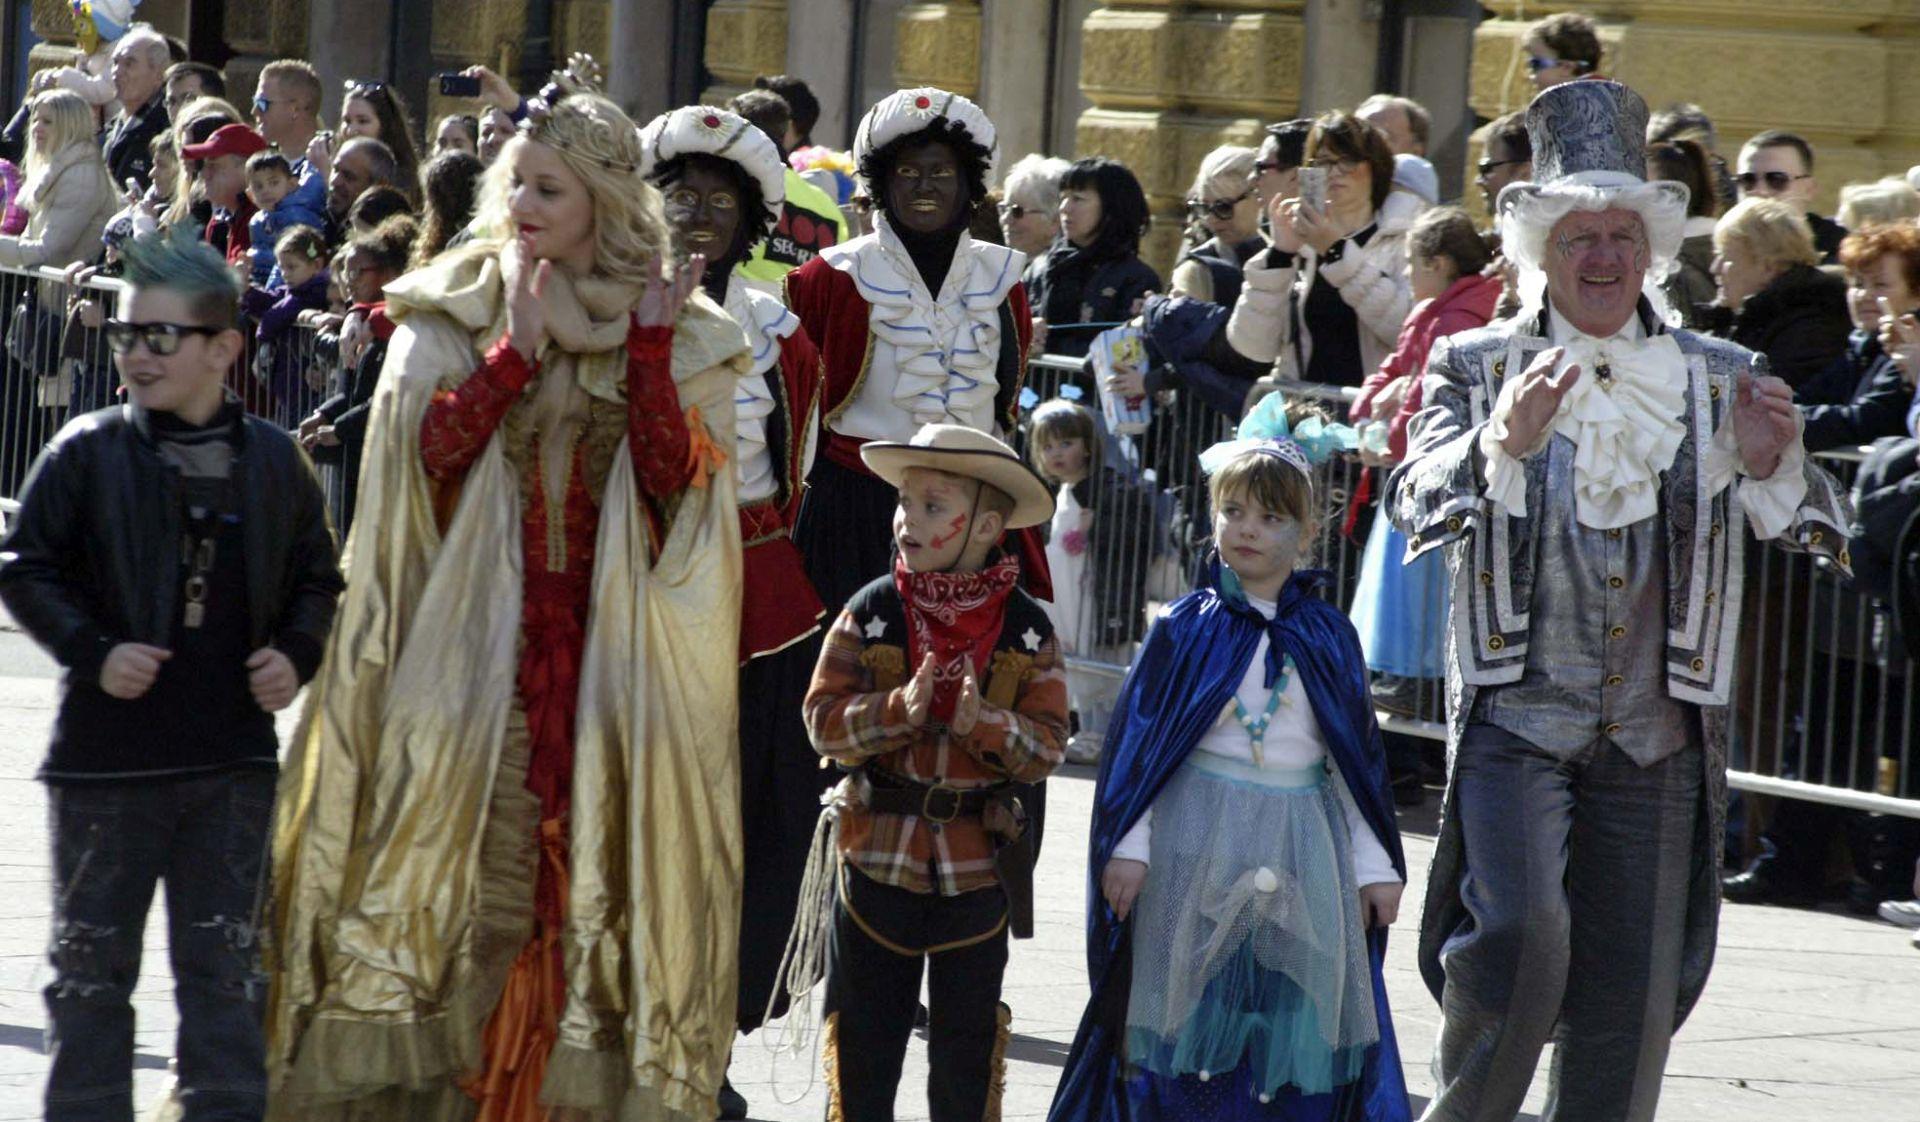 Kraljica Riječkog karnevala Iva Ciceran, maškare preuzele vlast